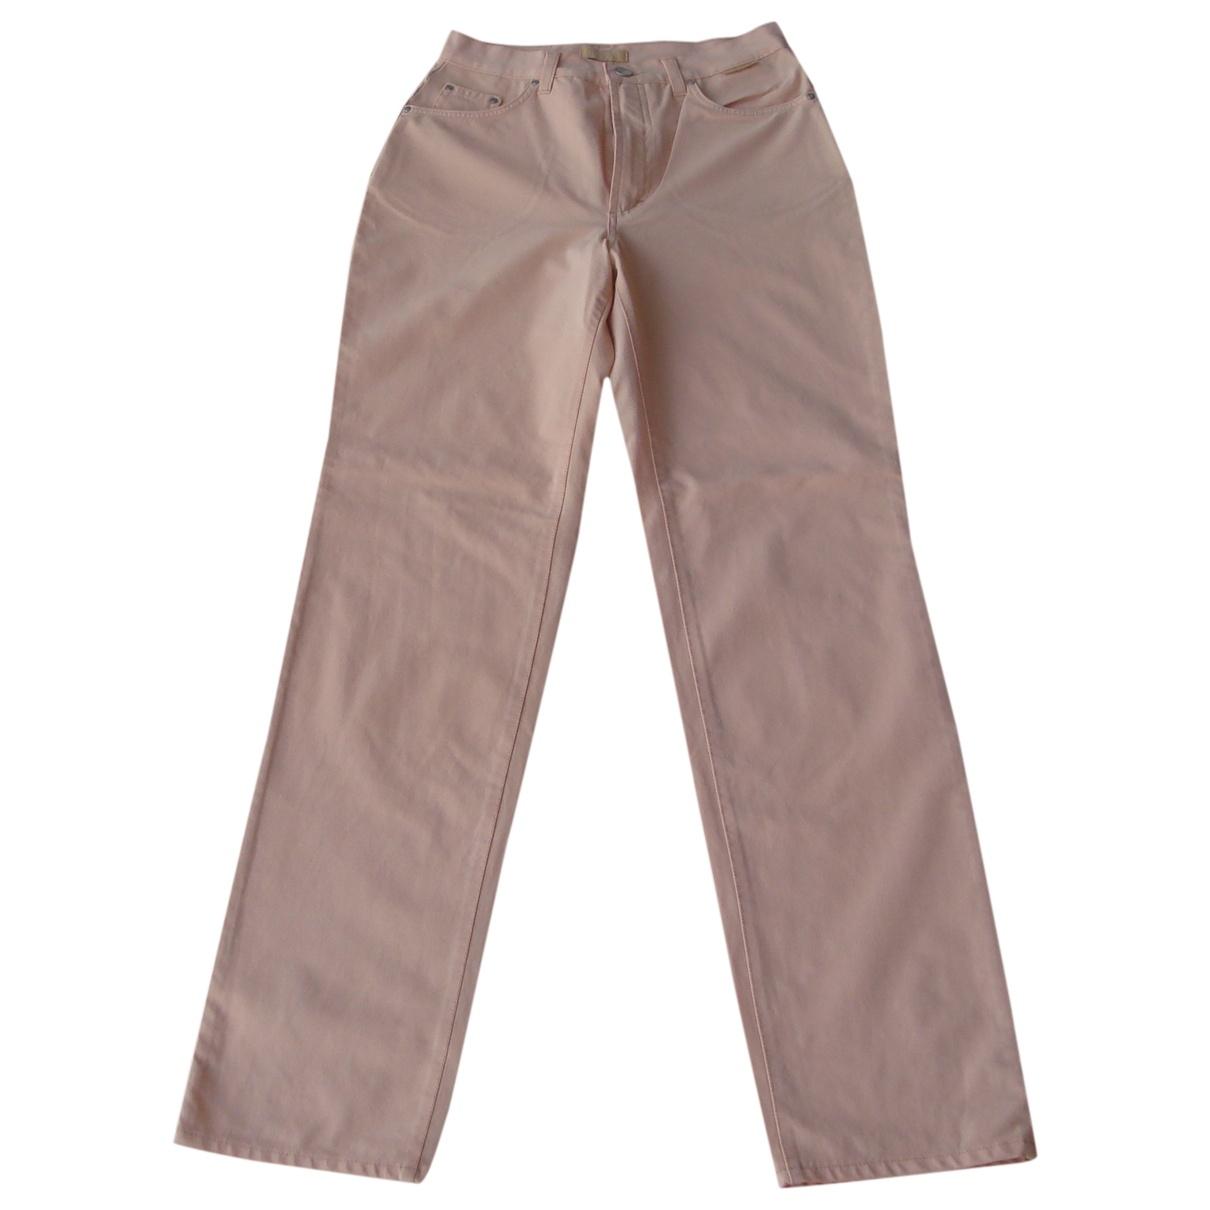 Gianfranco Ferré \N Trousers for Women 40 FR